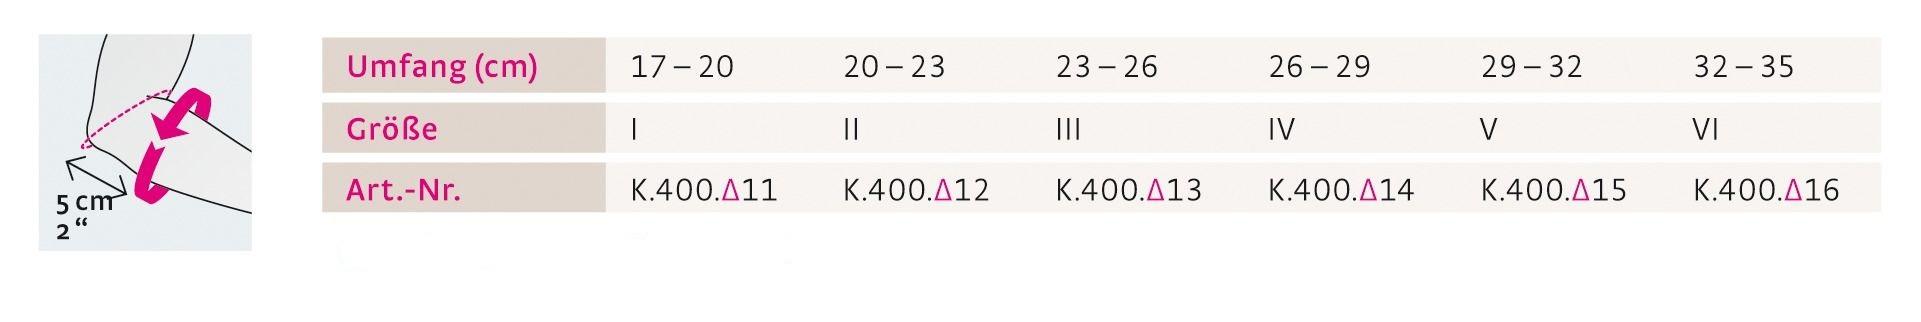 epicomed-ellenbogenbandagen-medi-groessentabelle-m-240252